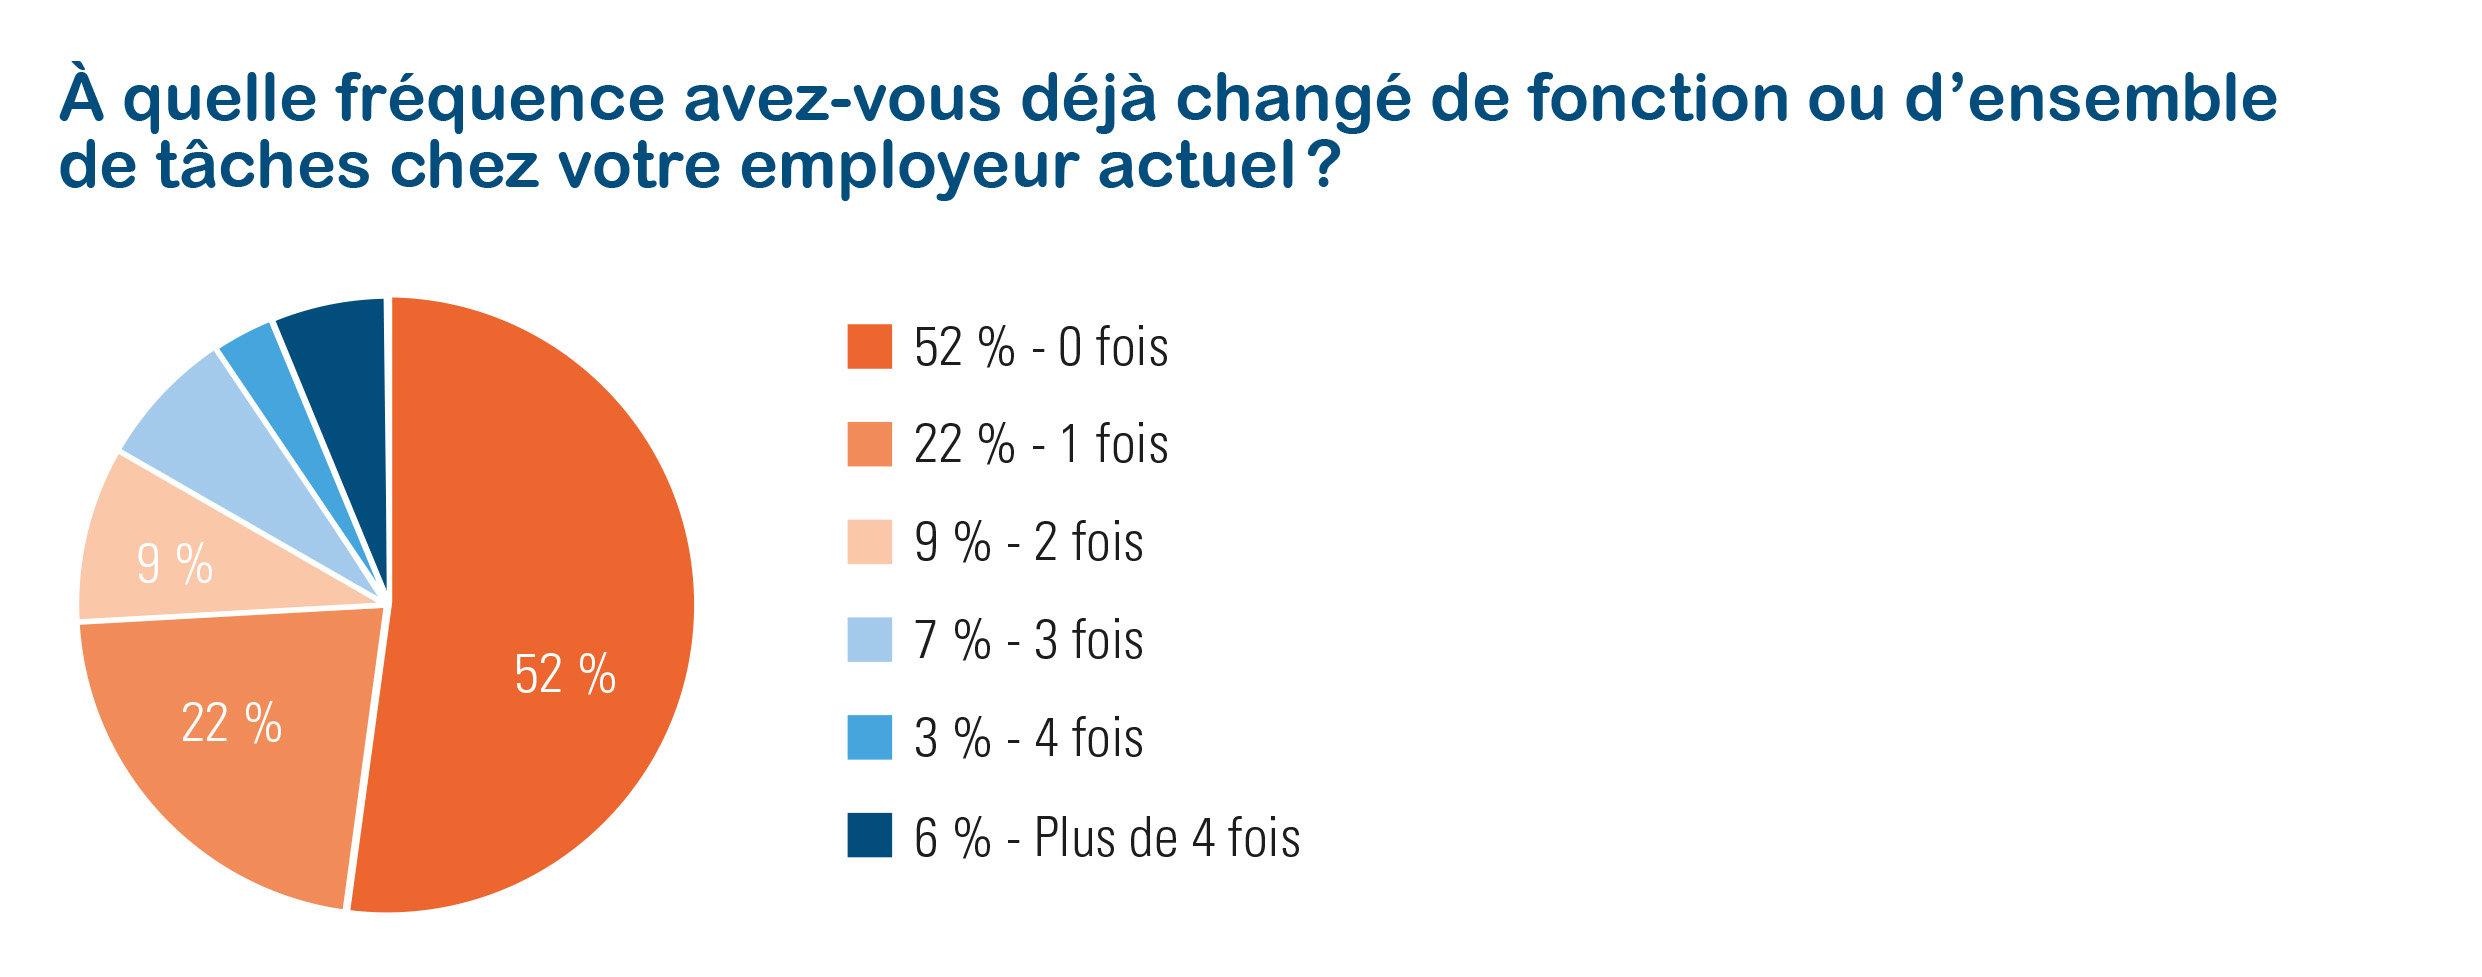 Nombre de changements de fonction chez l'employeur actuel